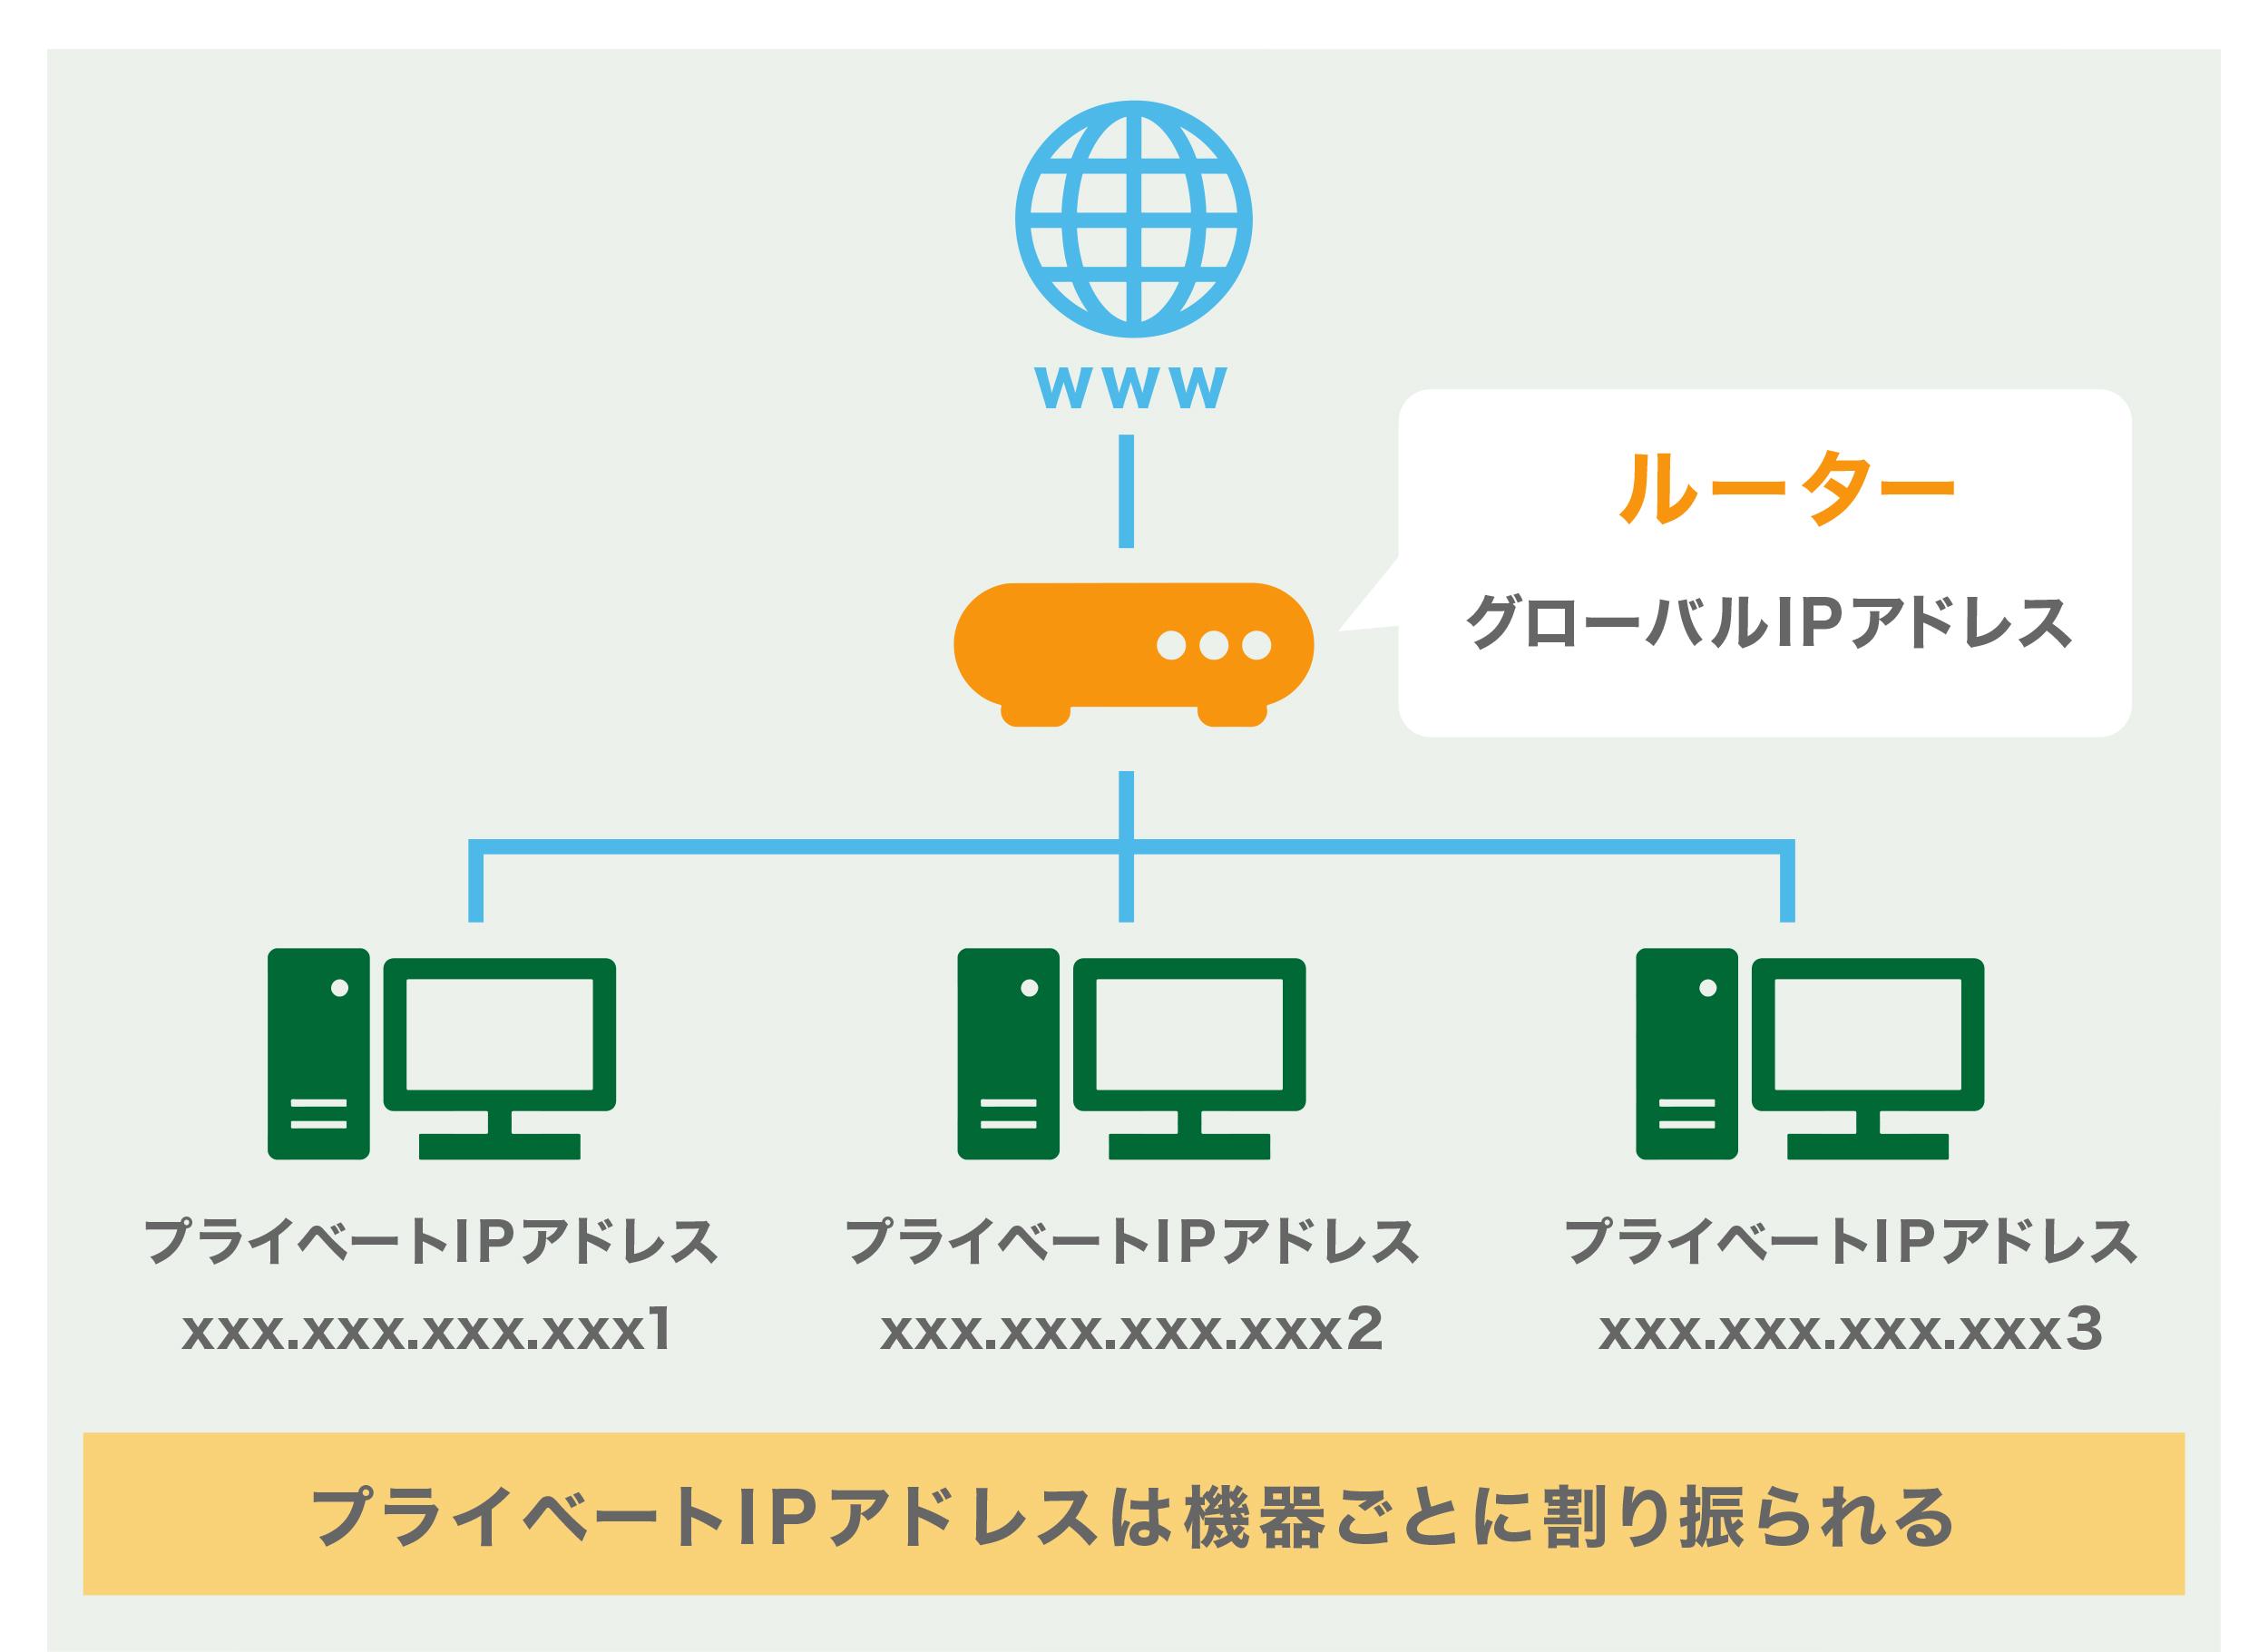 と は アドレス ip IPアドレスとは?をわかりやすく解説します